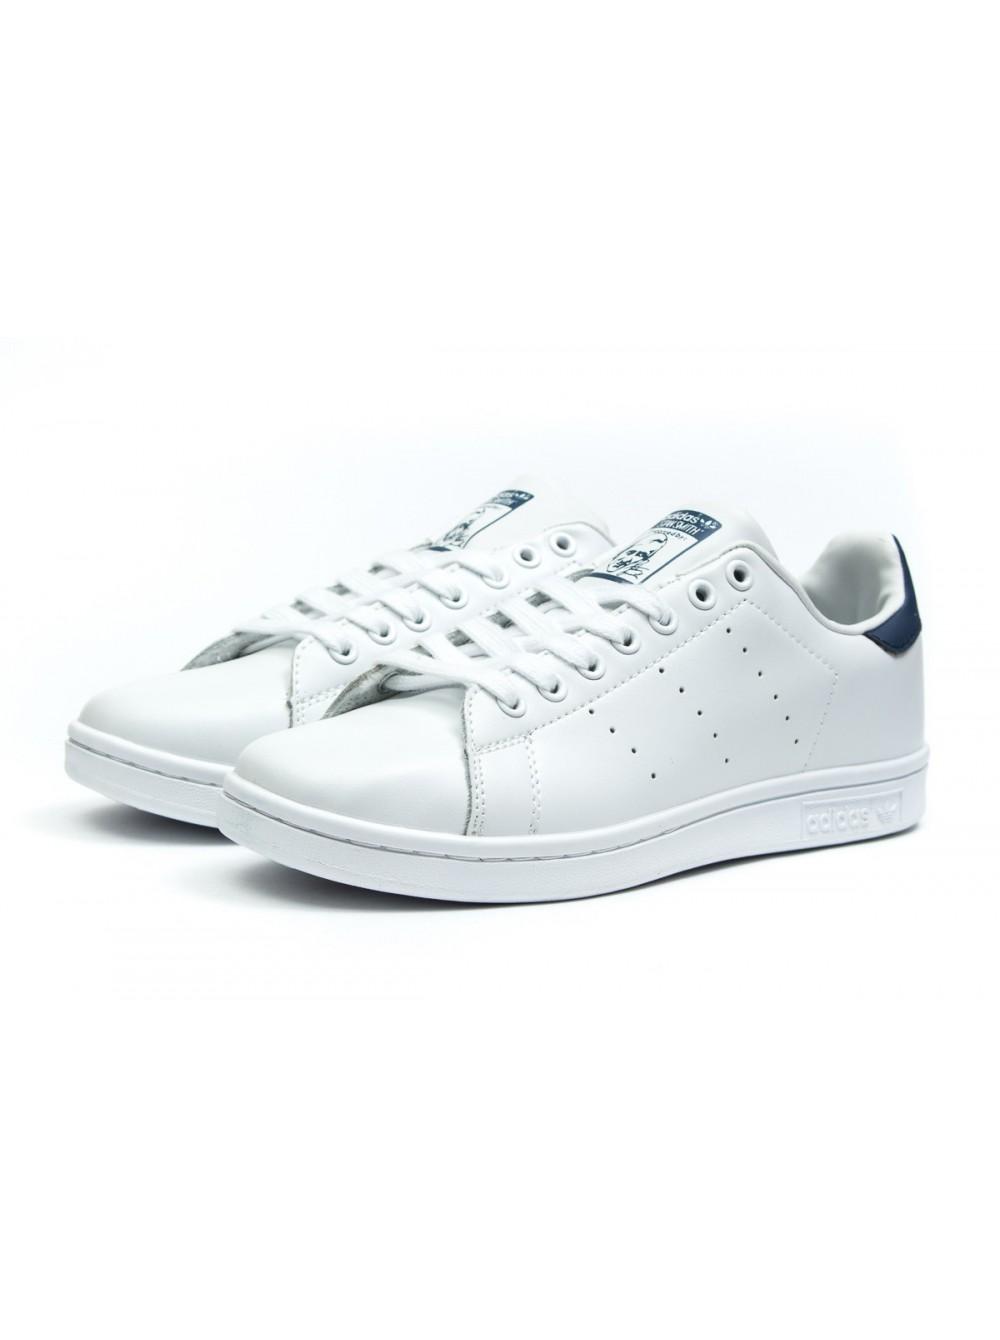 fd163558 Купить кроссовки Adidas Stan Smith мужские | Лучшая цена | KED.NET.UA